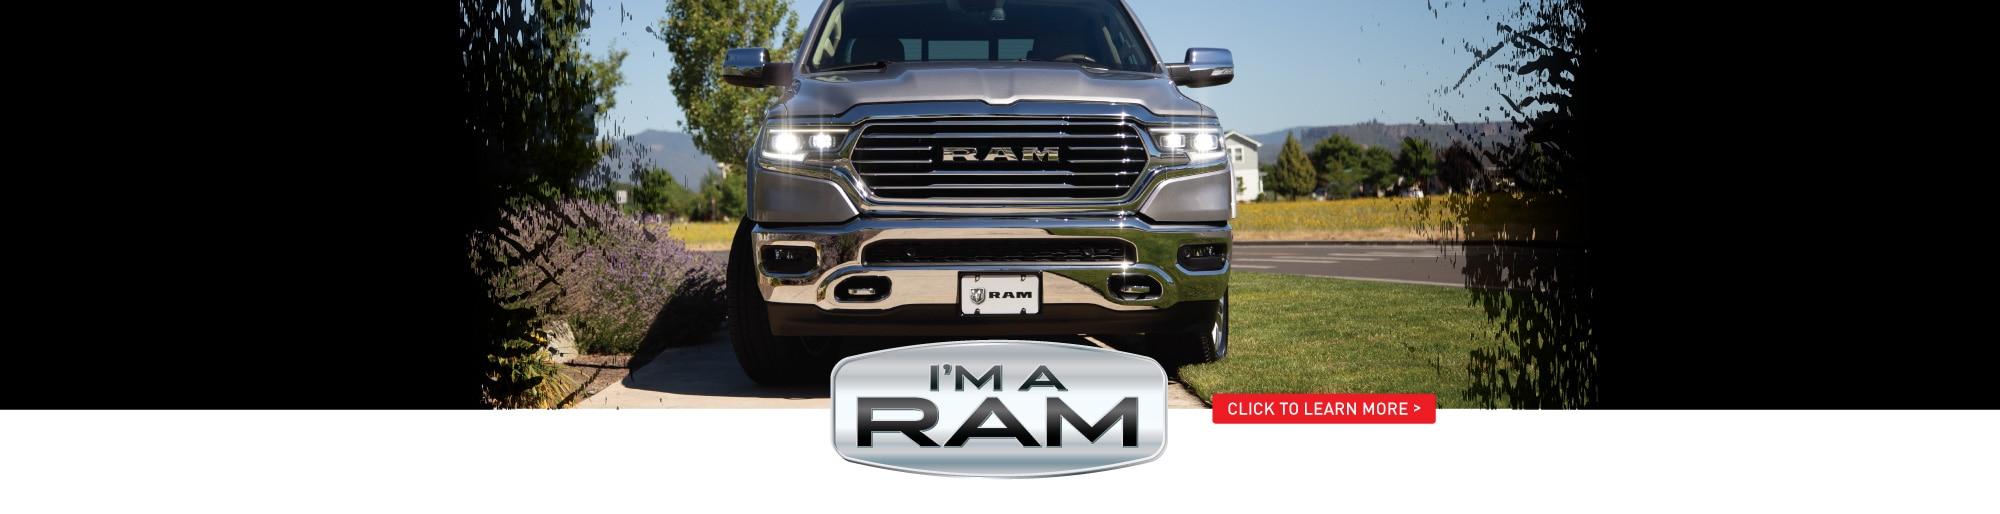 Lithia Chrysler Jeep Dodge Of Medford Or New Used Car Dealer 2004 Ram 1500 V6 Fuel Filter Location 1 2 3 4 5 6 7 8 9 10 11 12 13 14 15 16